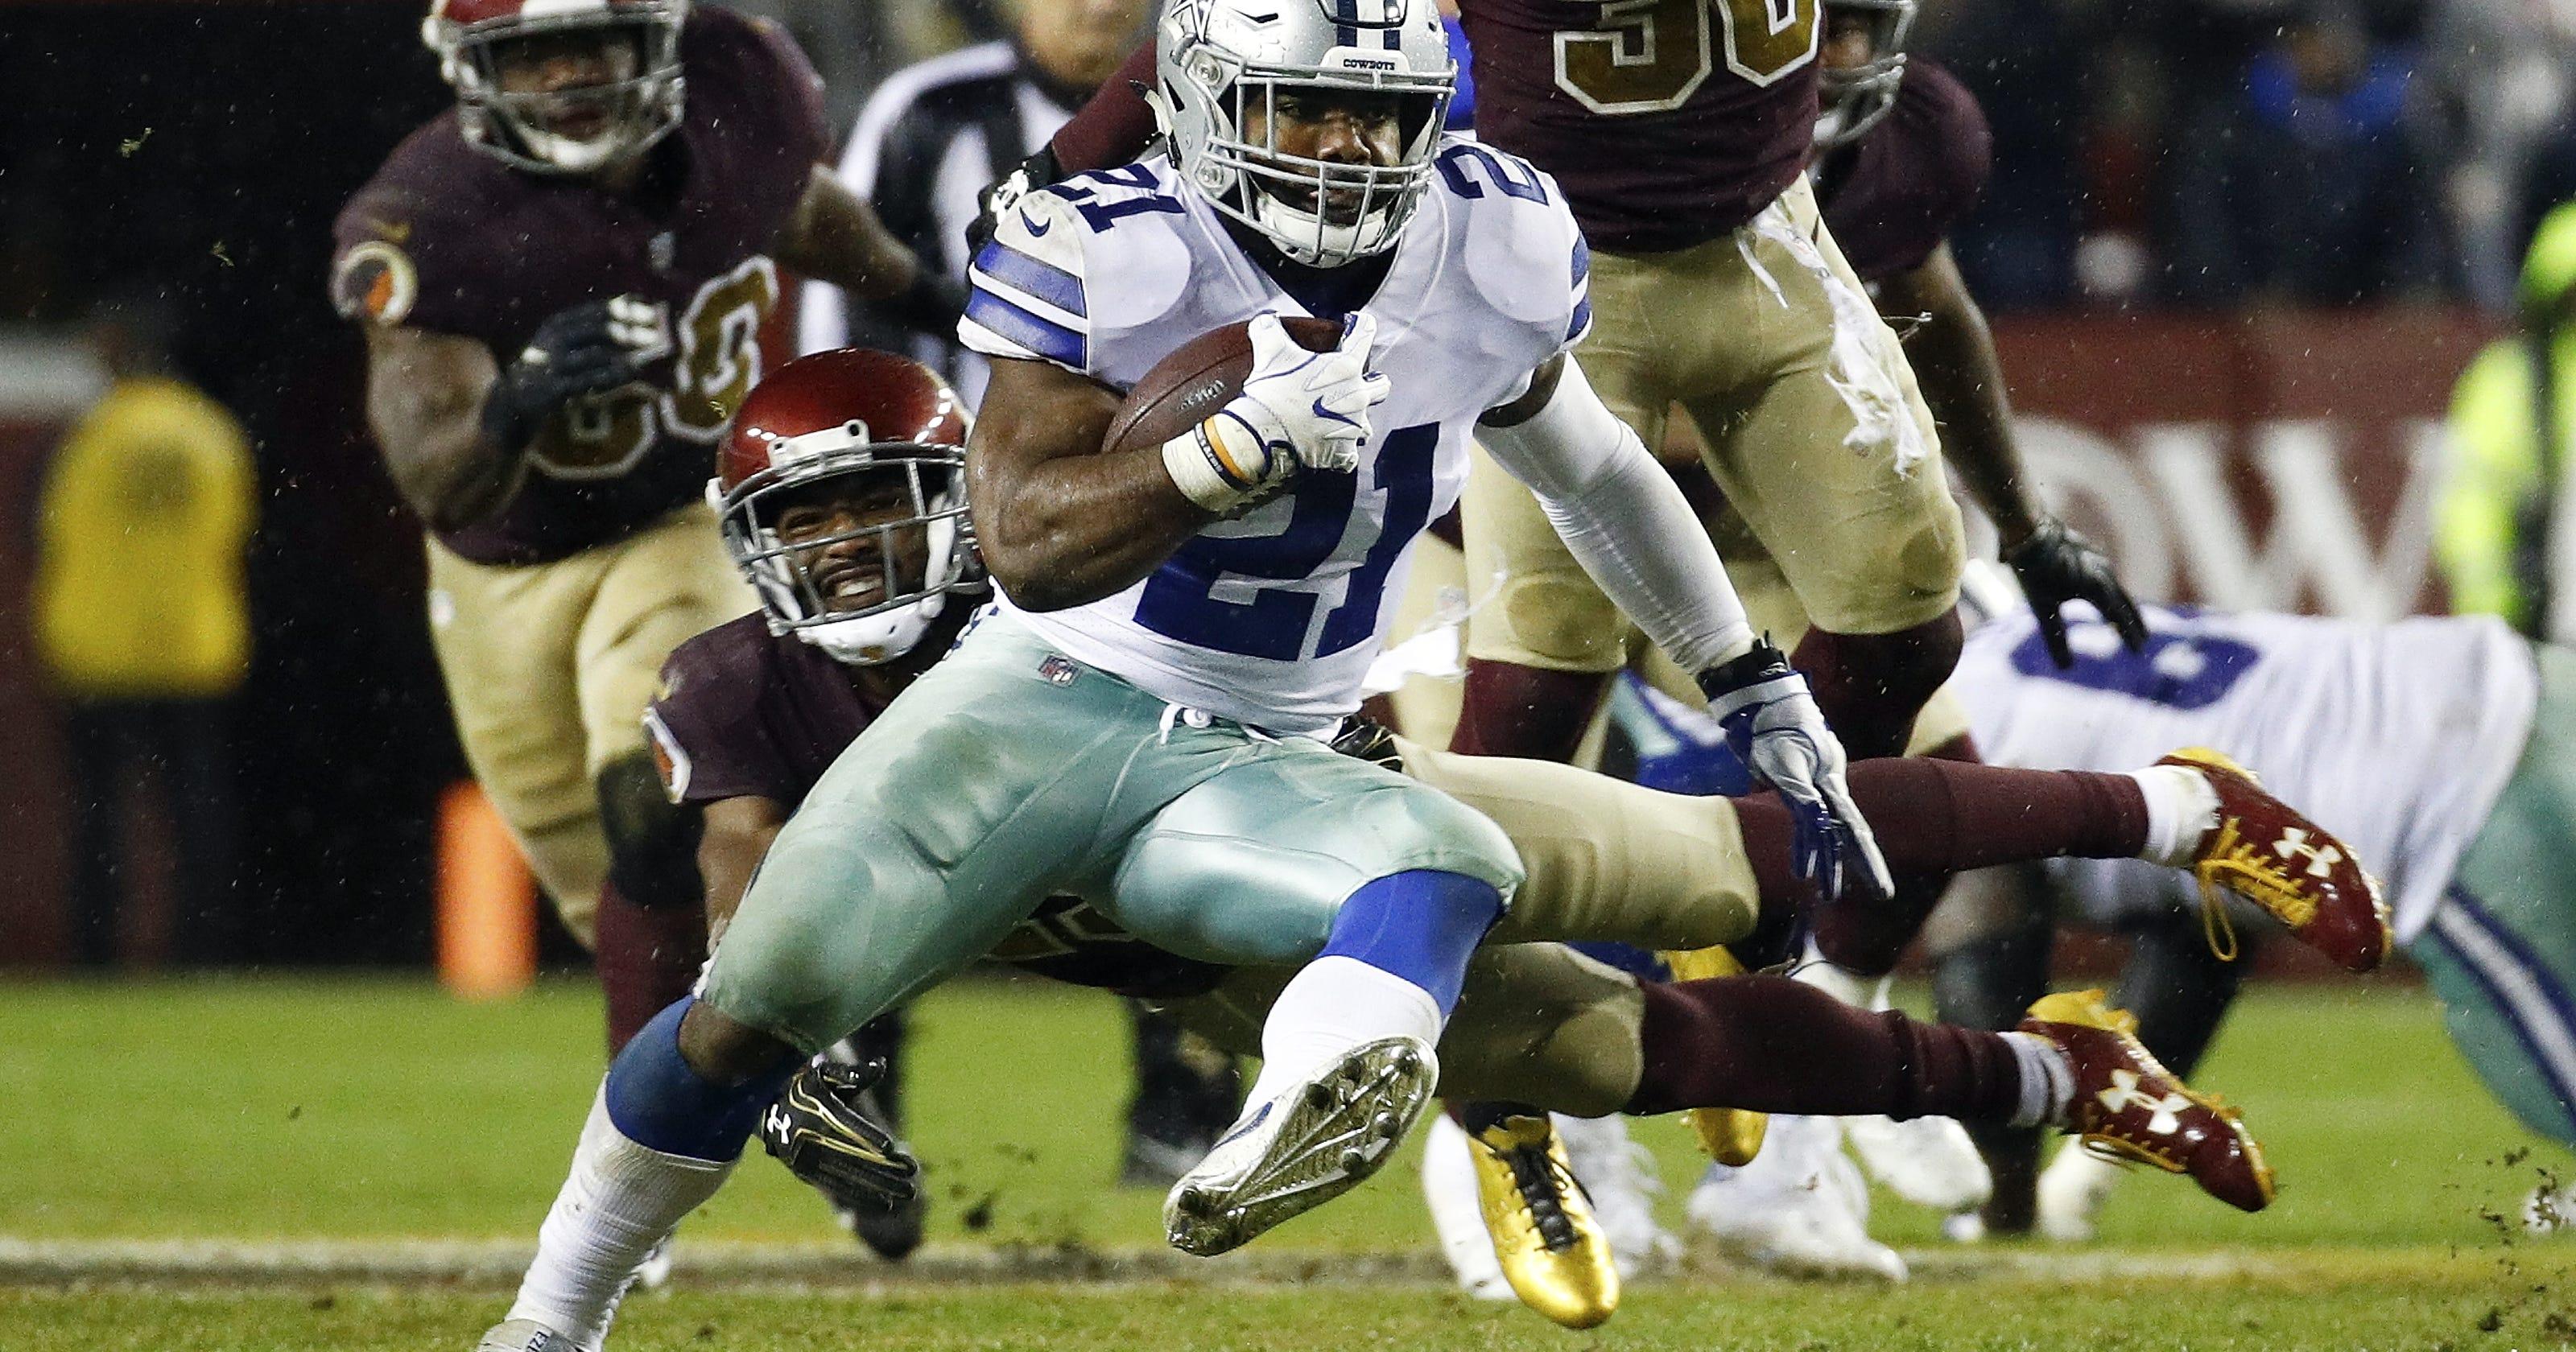 99360faf6b1 Dallas Cowboys 2018 season preview as Ezekiel Elliott eyes full year